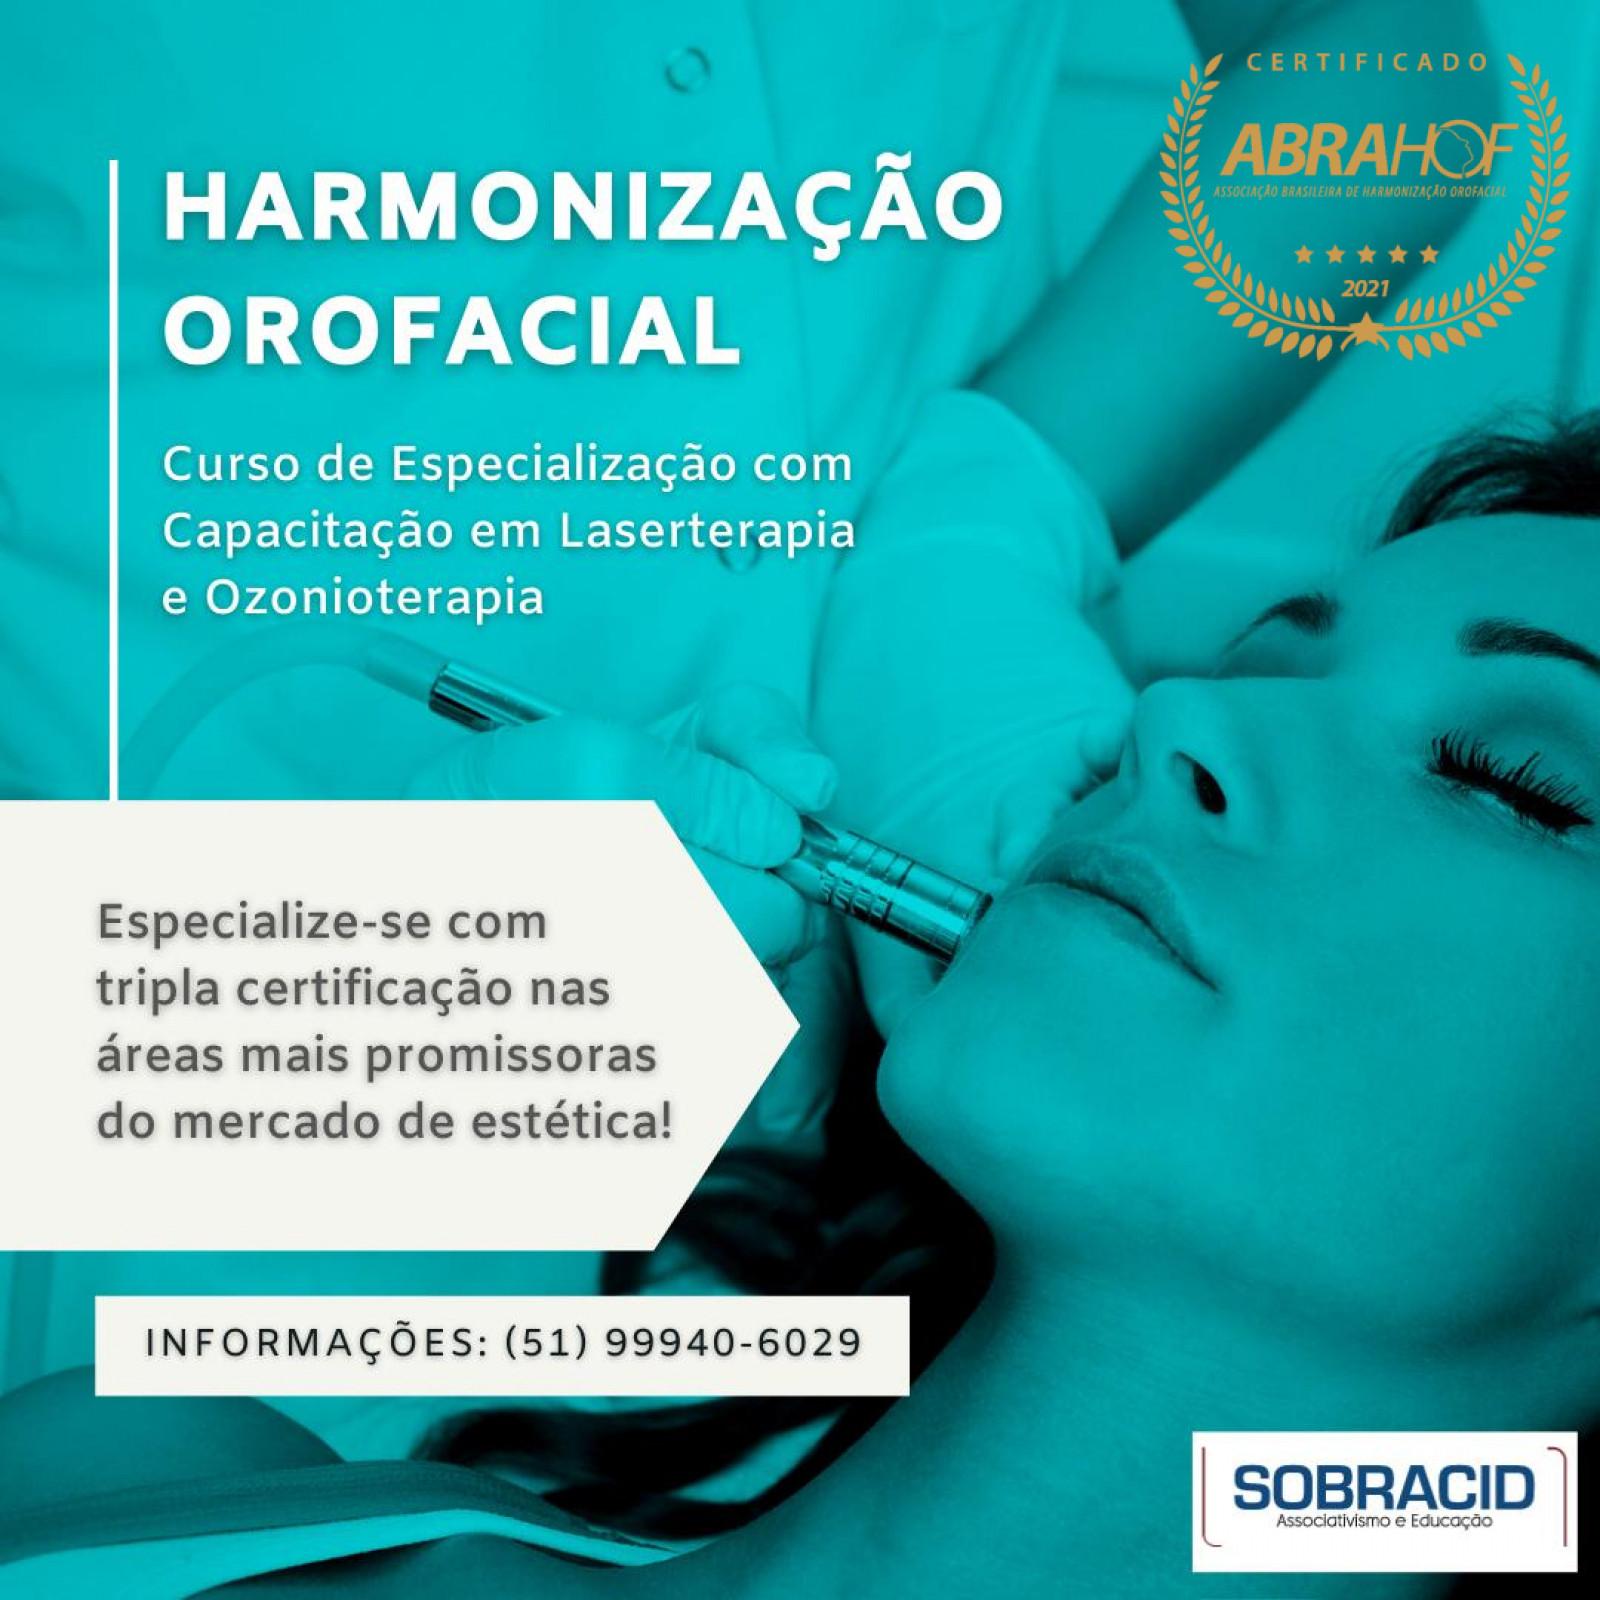 Especialização em Harmonização Orofacial (com Capacitação em Laserterapia e Habilitação em Ozonioterapia)